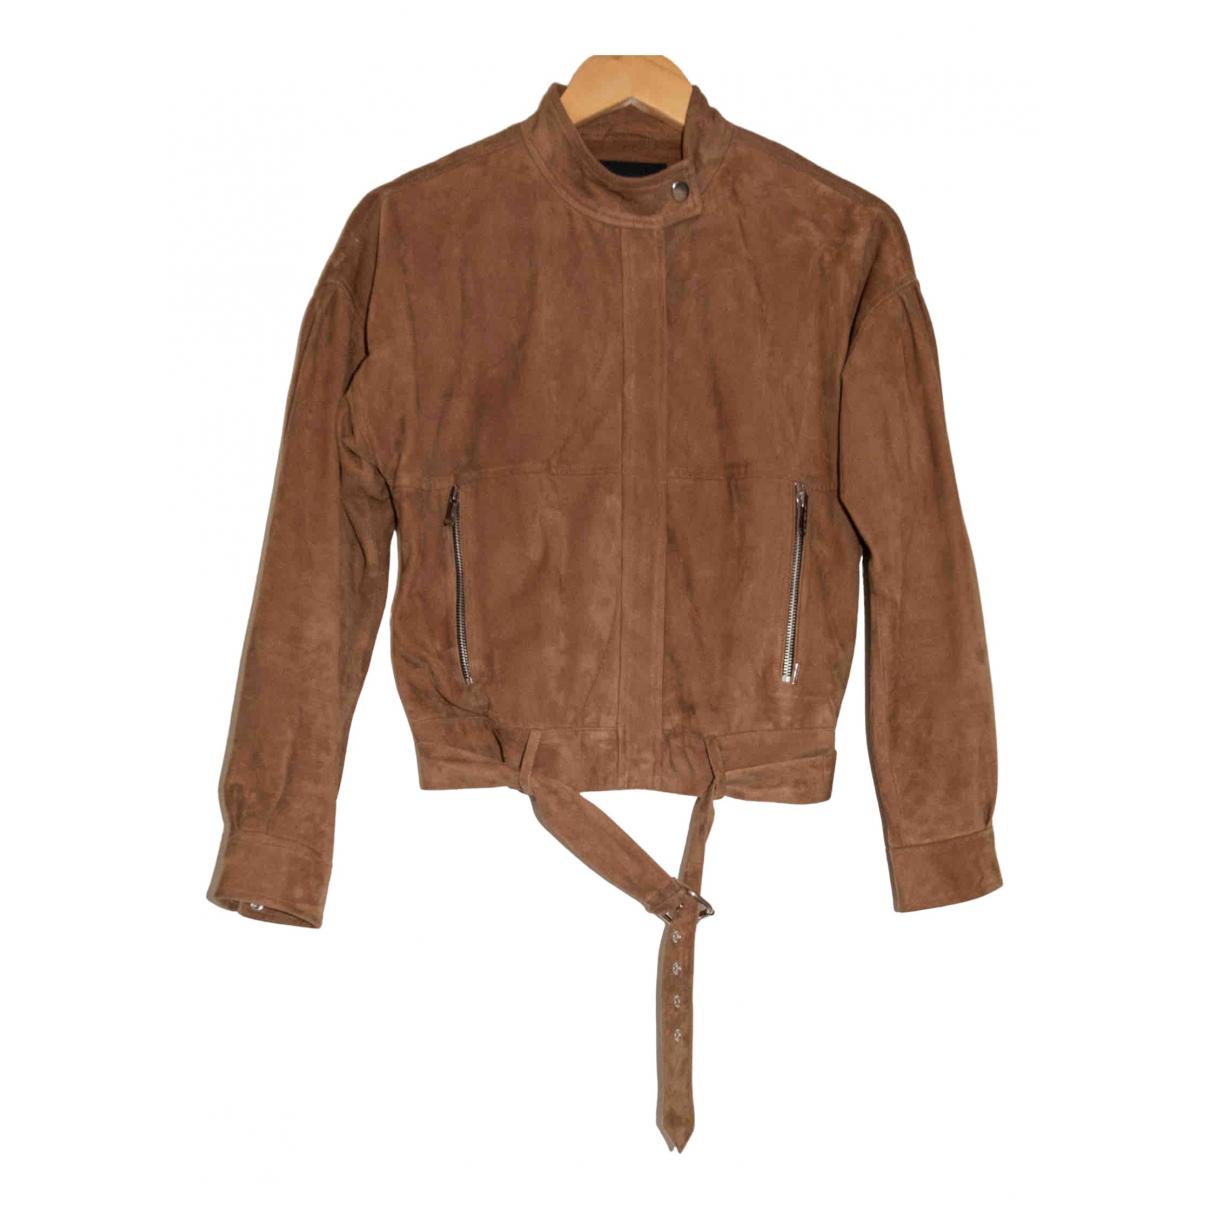 Ikks N Beige Suede Leather jacket for Women XS International